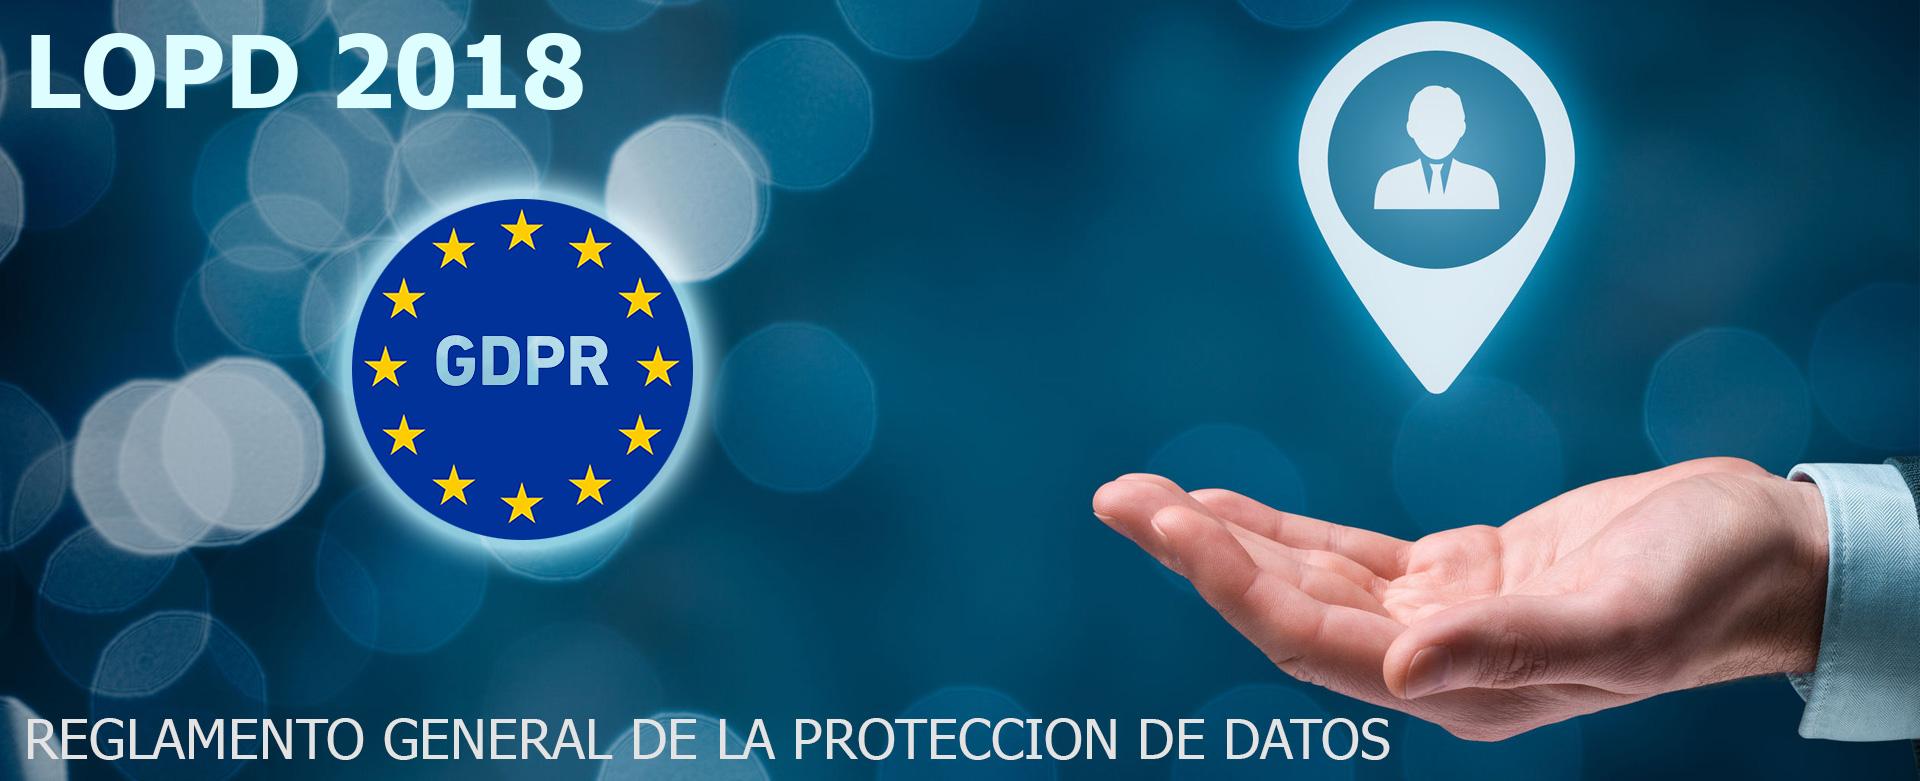 Nueva normativa de privacidad de datos